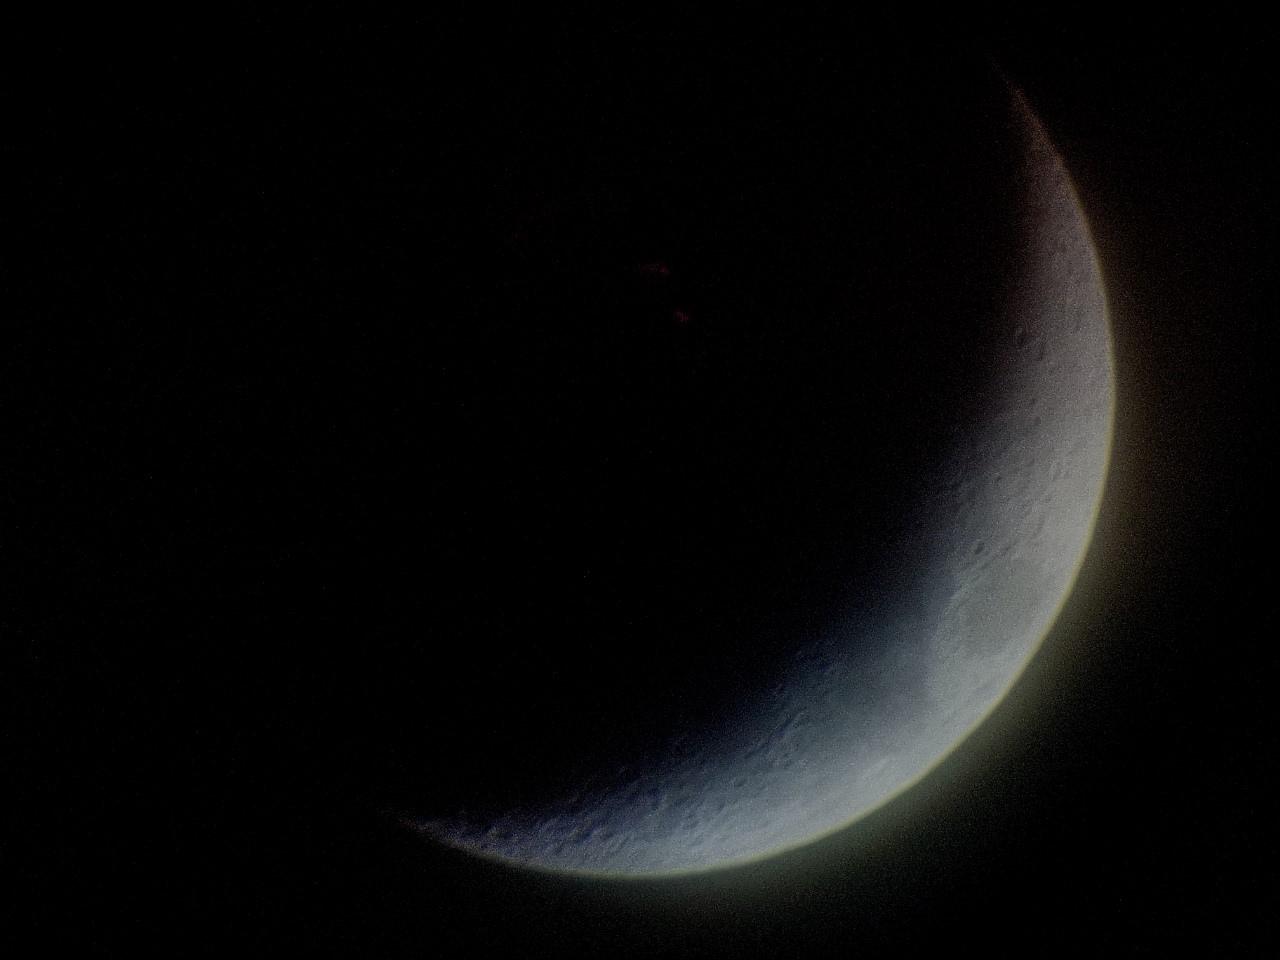 Lune_ascendante_20190209_185507.jpg